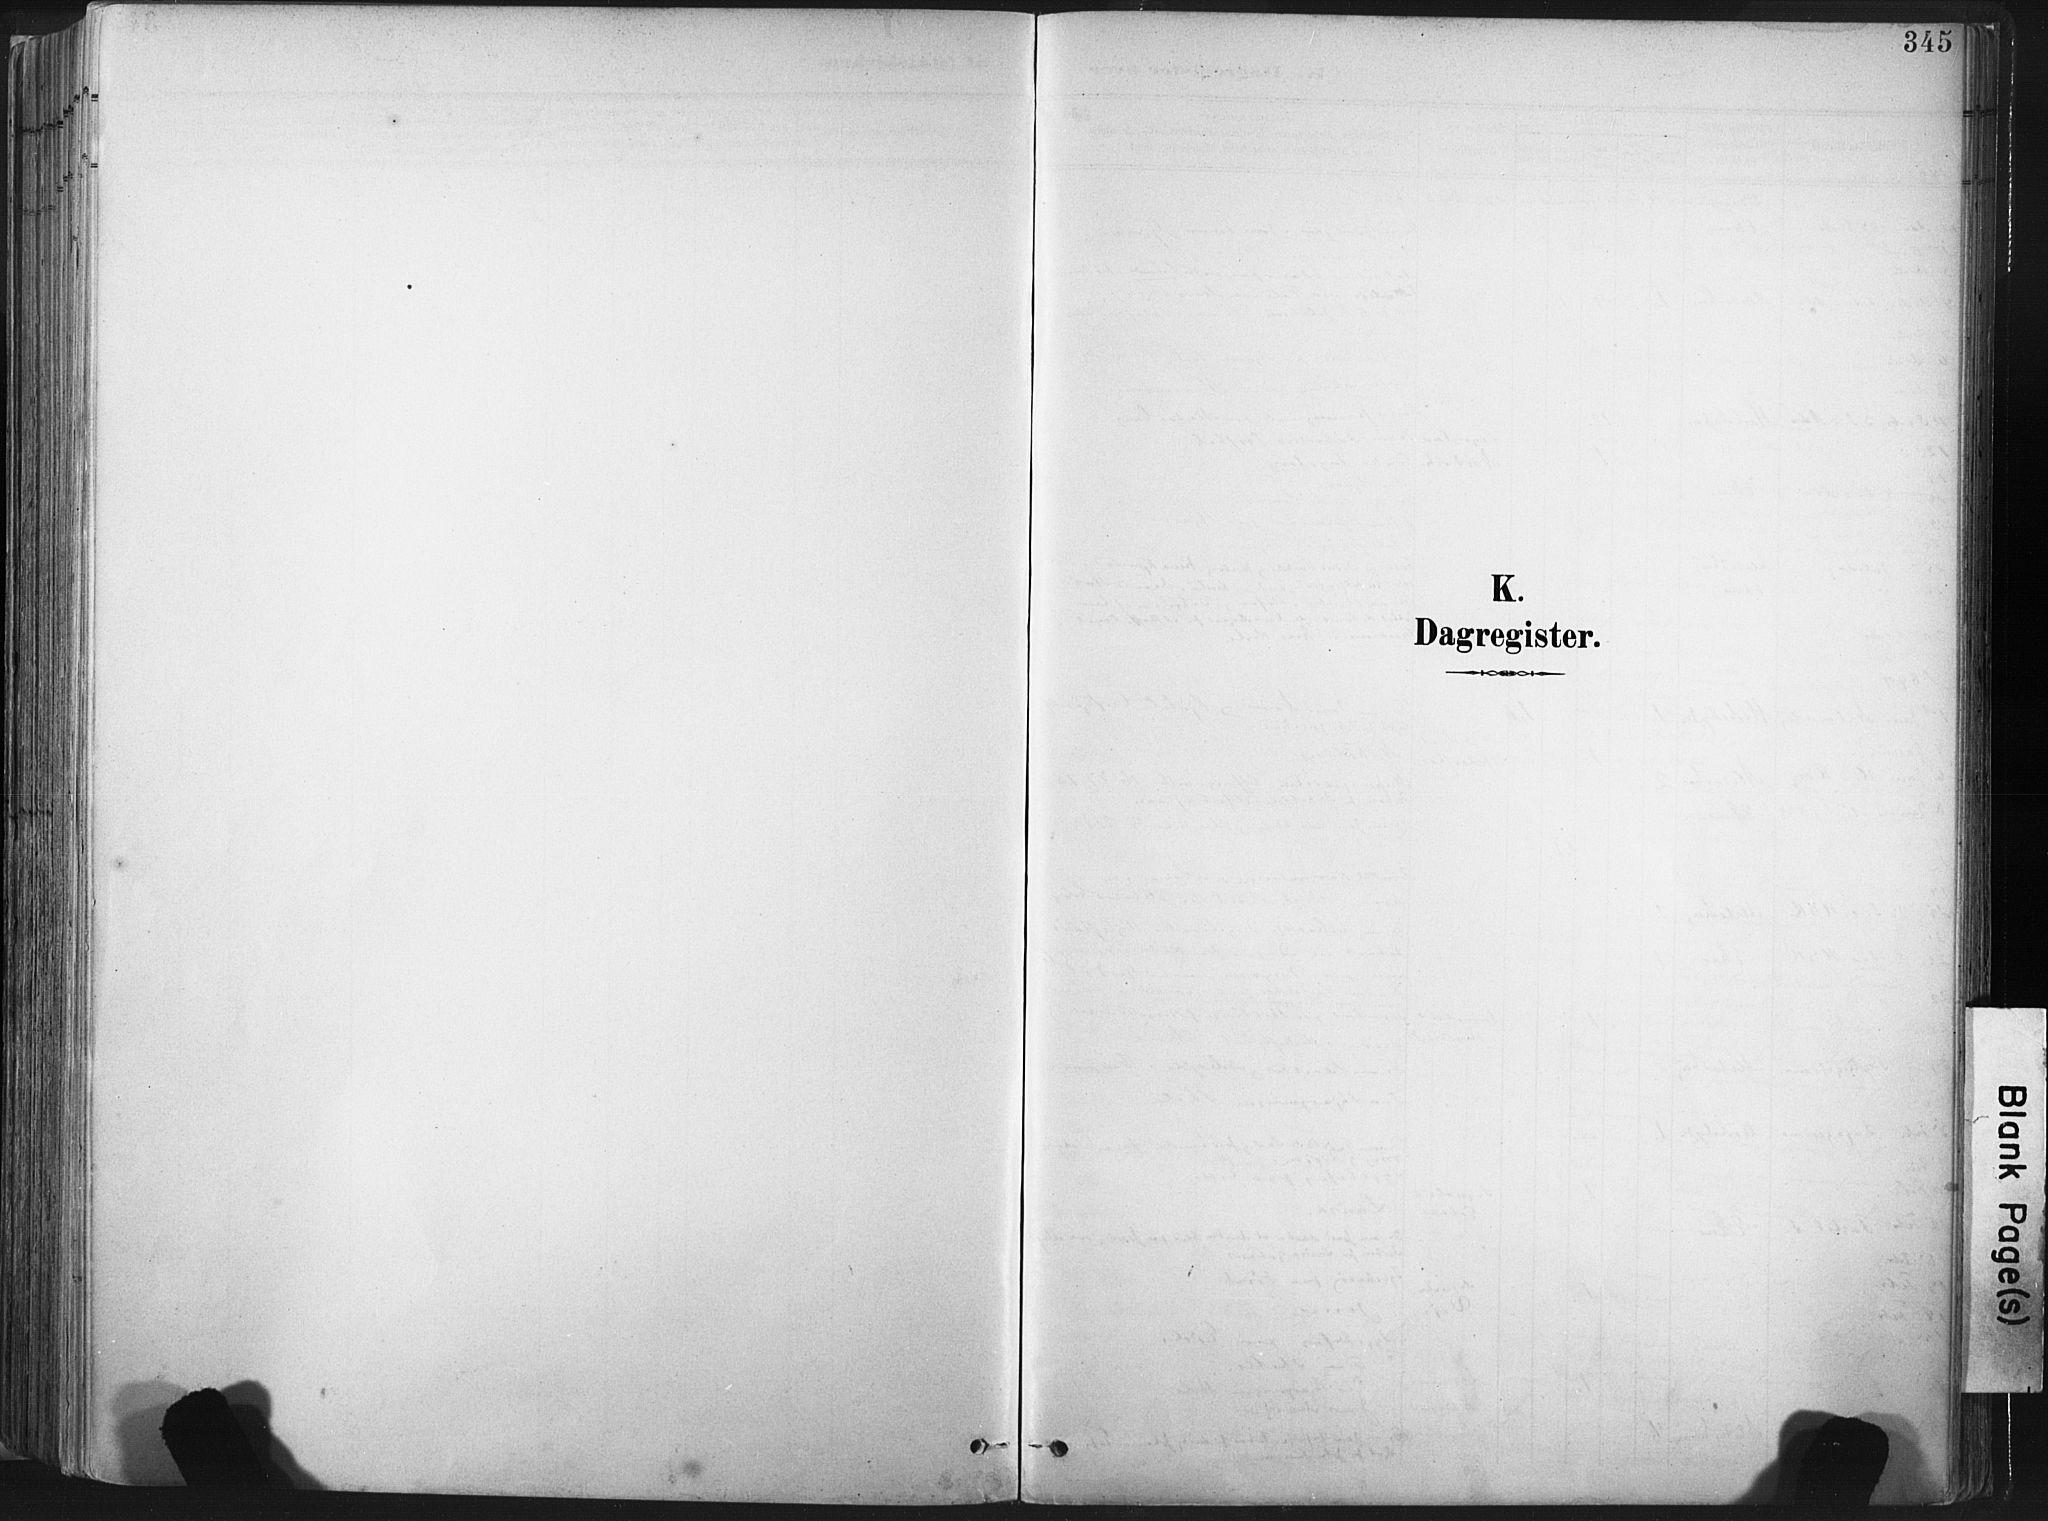 SAT, Ministerialprotokoller, klokkerbøker og fødselsregistre - Nord-Trøndelag, 717/L0162: Ministerialbok nr. 717A12, 1898-1923, s. 345